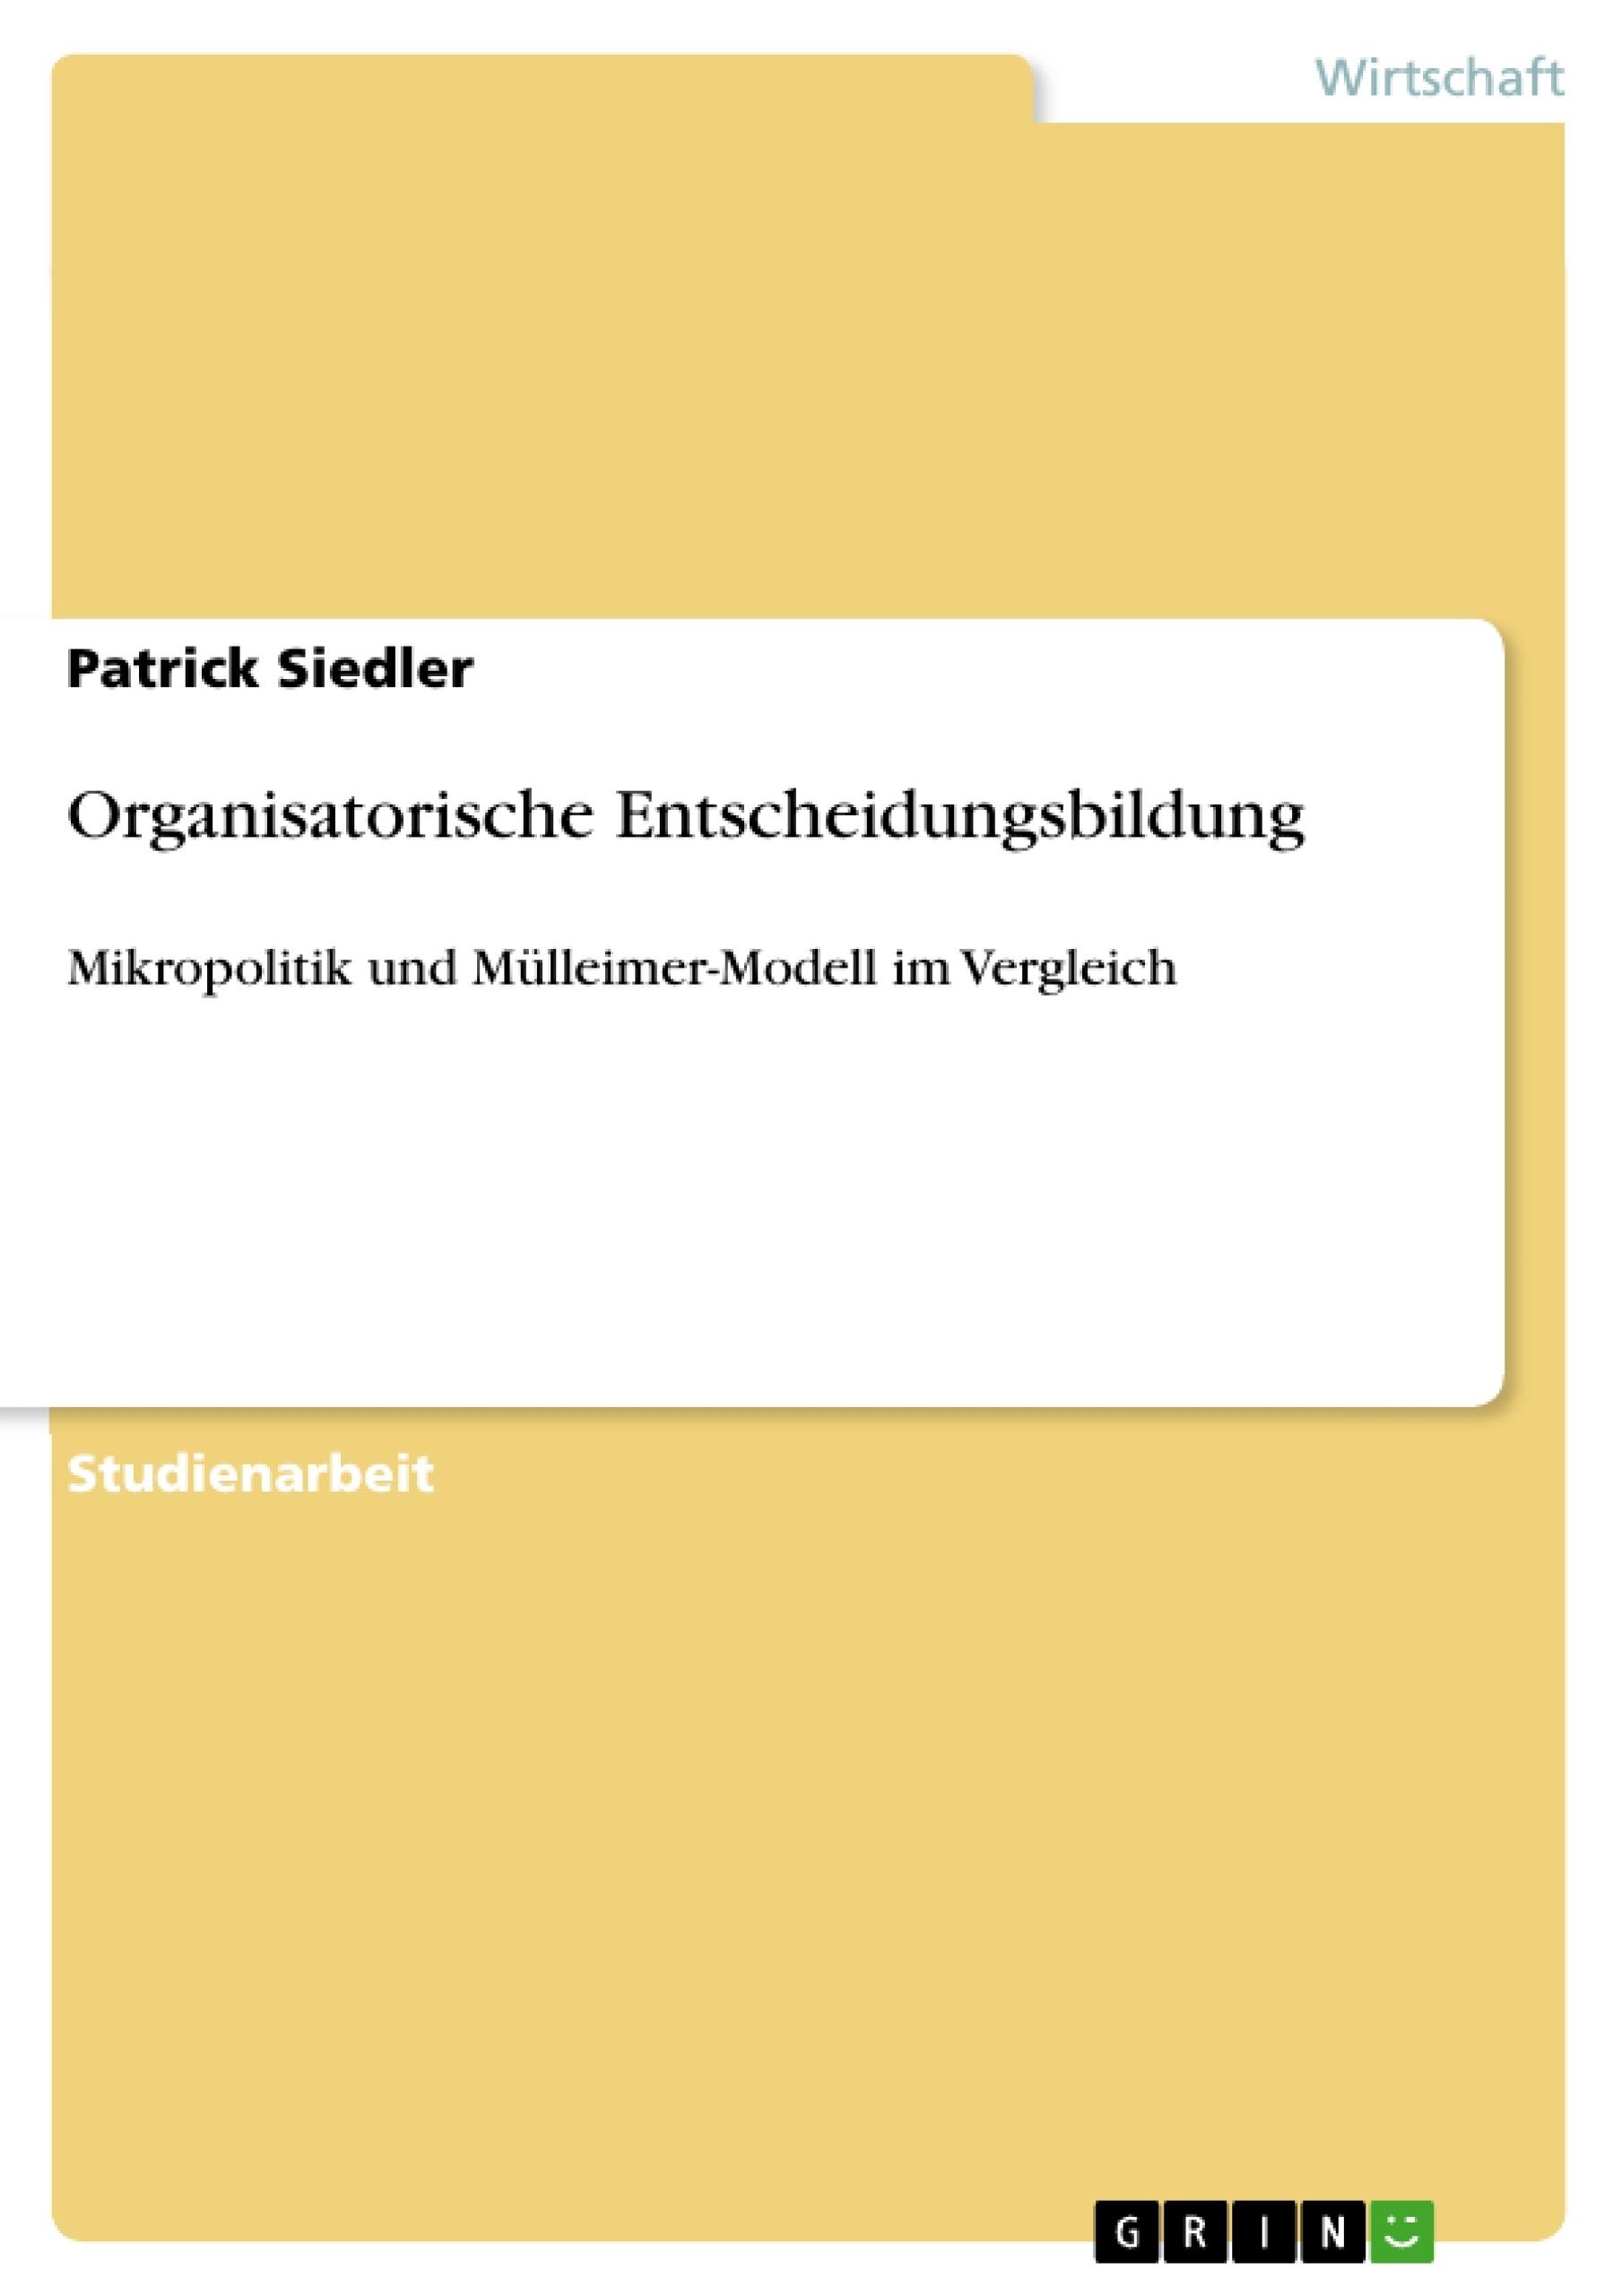 Titel: Organisatorische Entscheidungsbildung